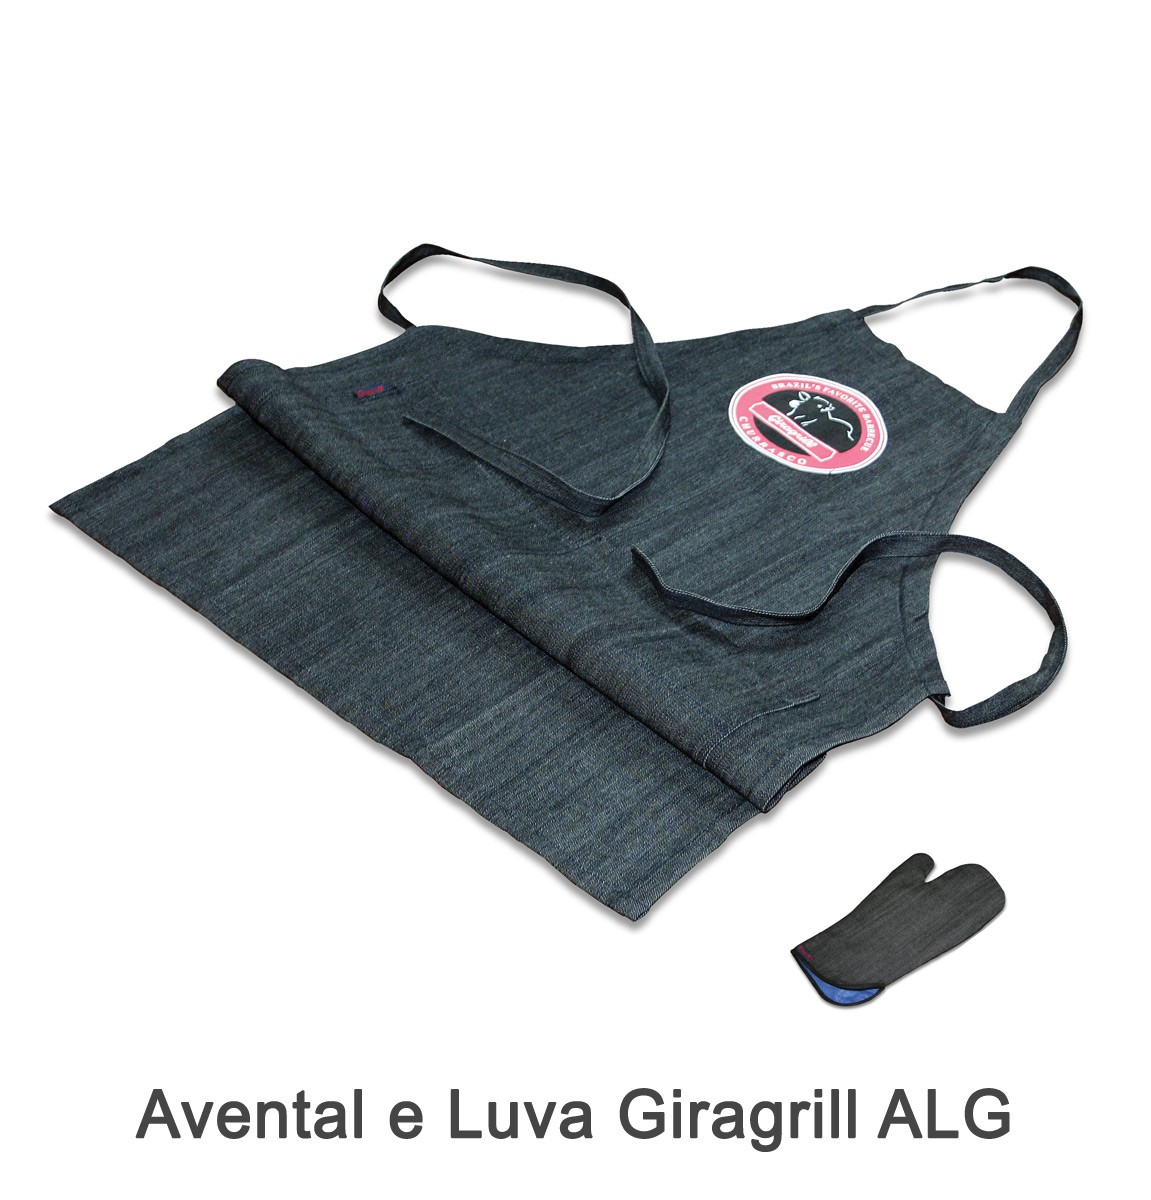 Grillex SC-650 + Avental e Luva Giragrill ALG + Pá de Limpeza PL-1+ Pega Carvão PC-50 Inox + Pega Fácil PF-26 Inox